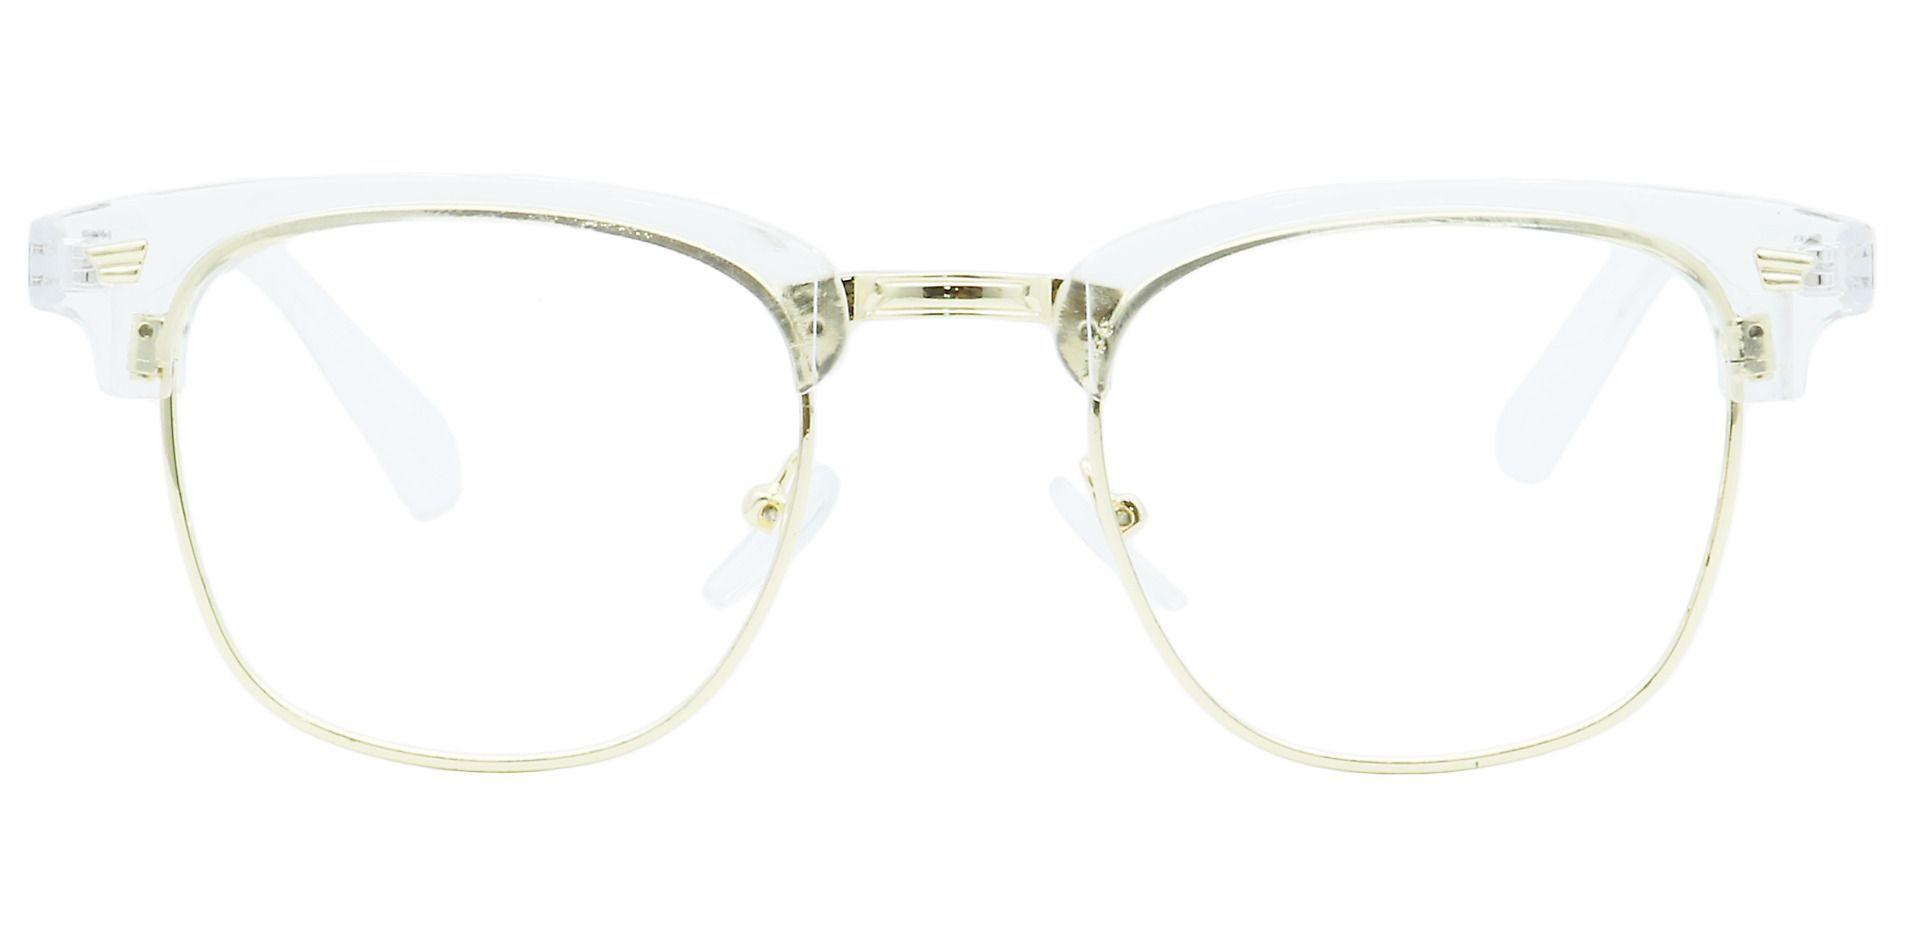 Ella Browline Prescription Glasses - Clear